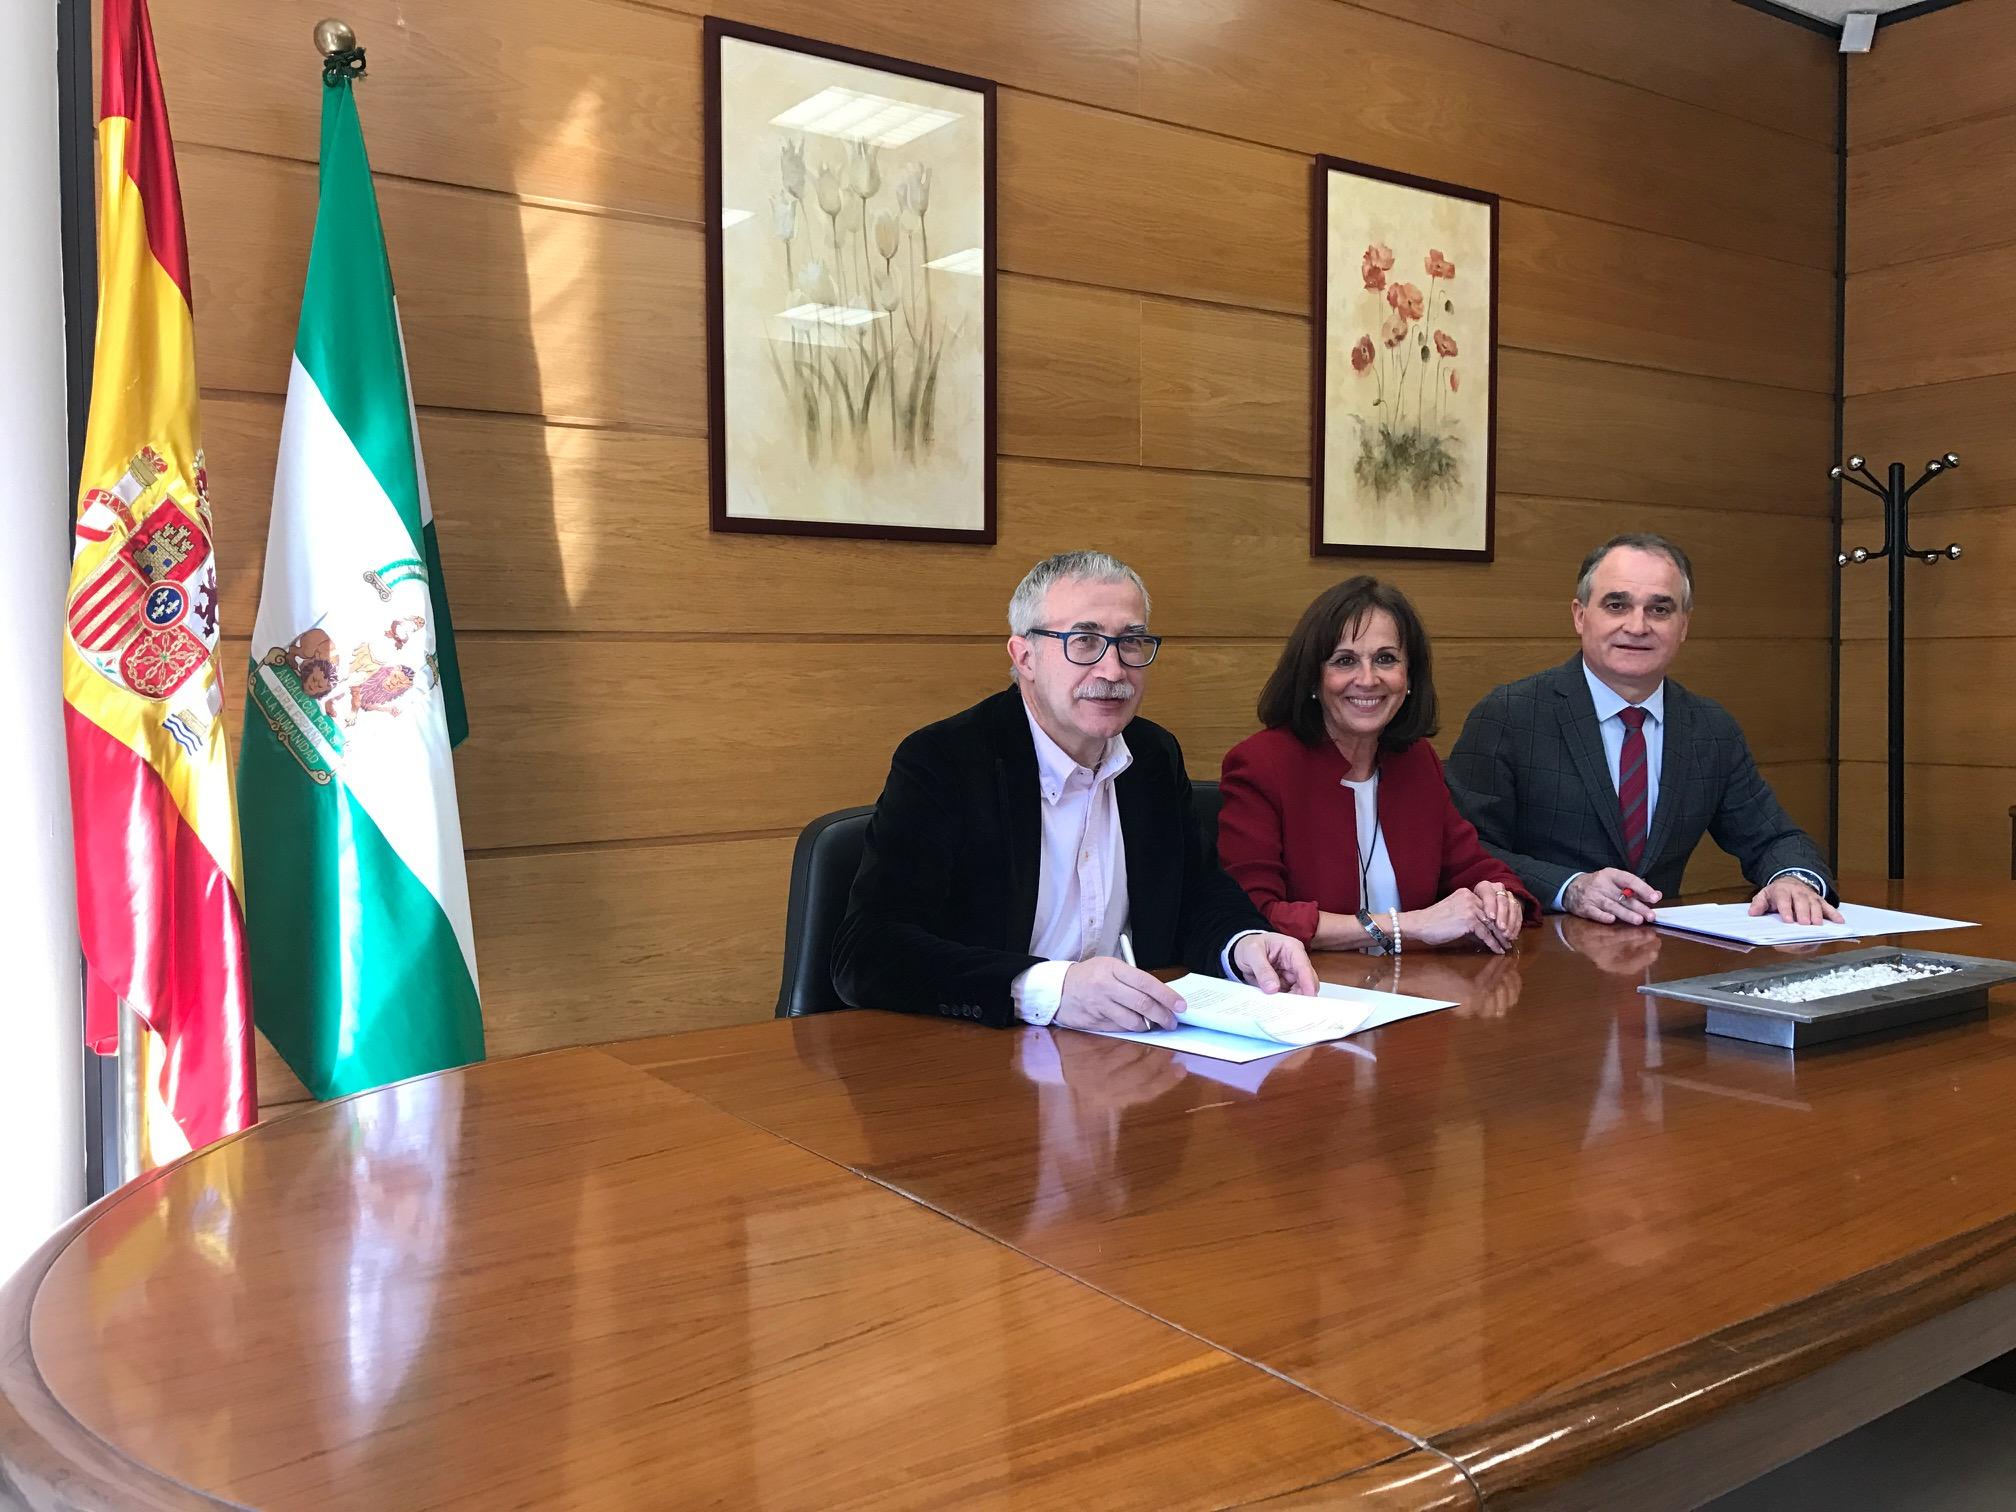 Los farmacéuticos comunitarios andaluces podrán acceder a la oferta formativa en protección de la salud de la Escuela Andaluza de Salud Pública